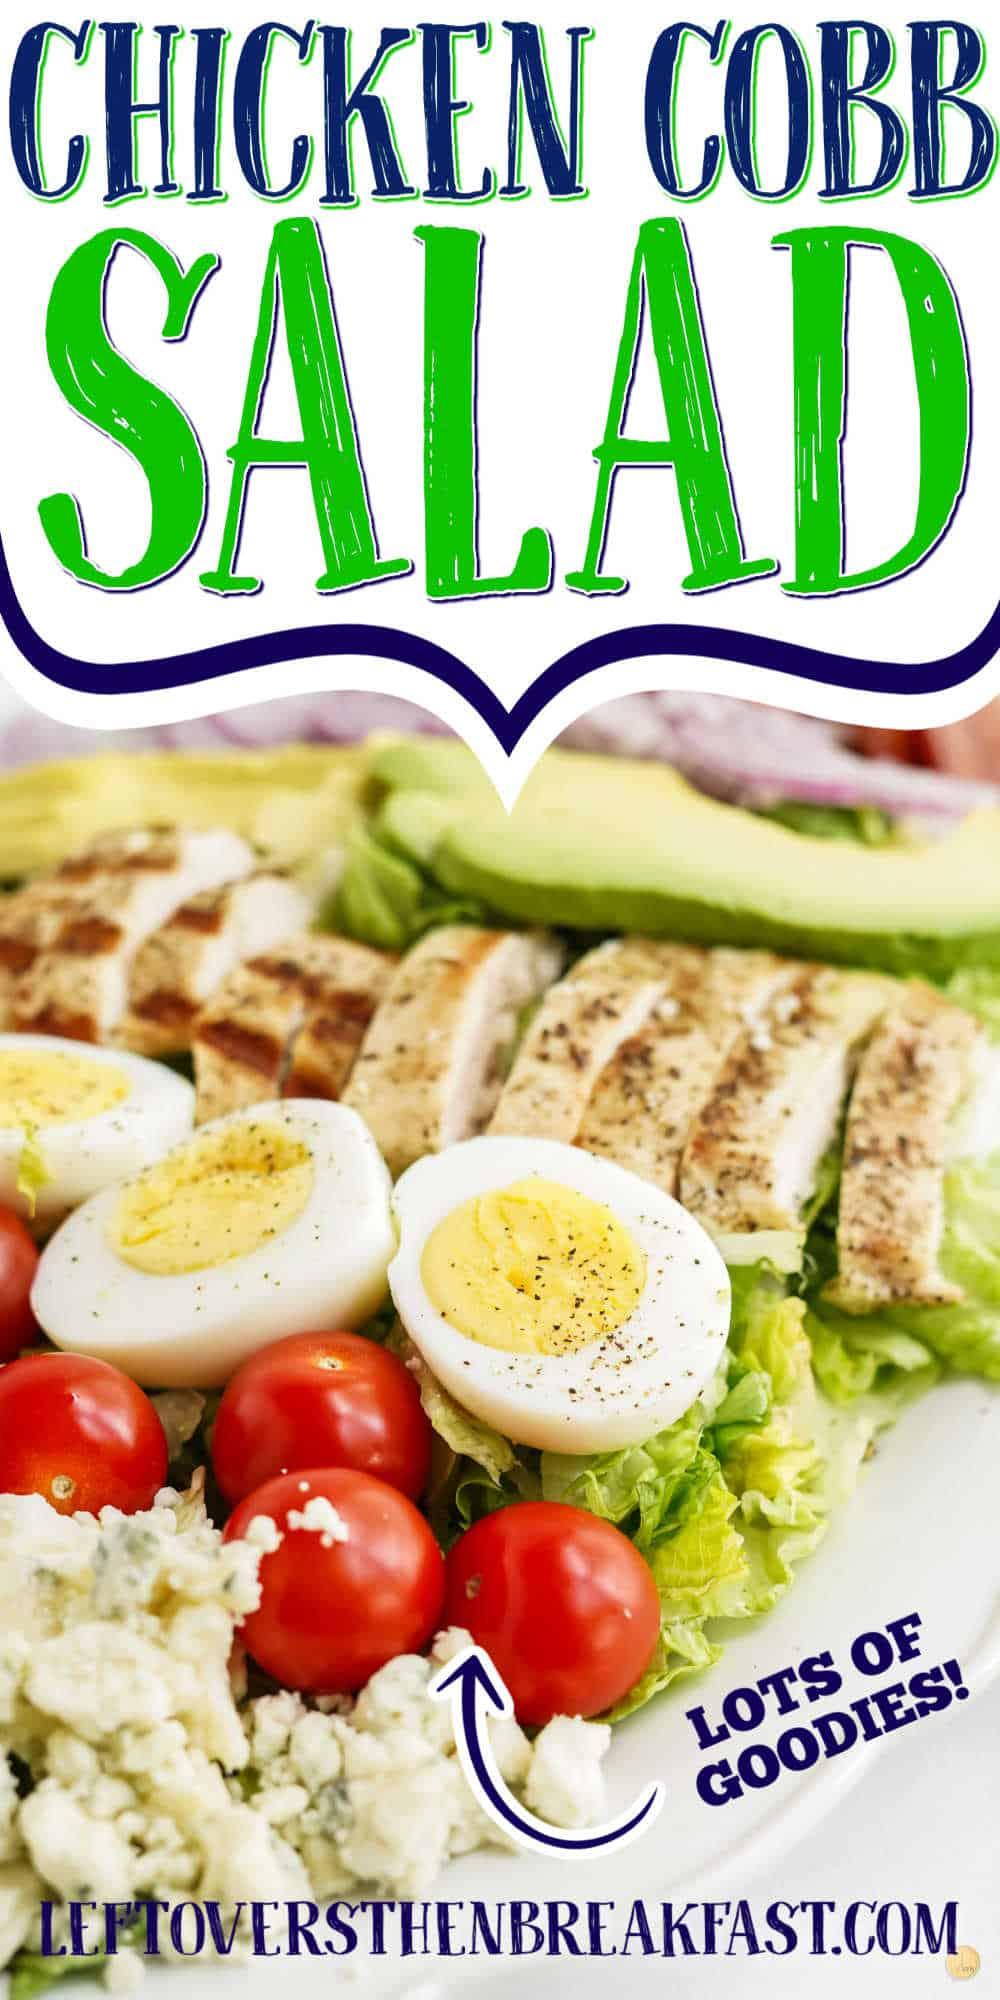 """chicken salad with text """"chicken cobb salad"""""""